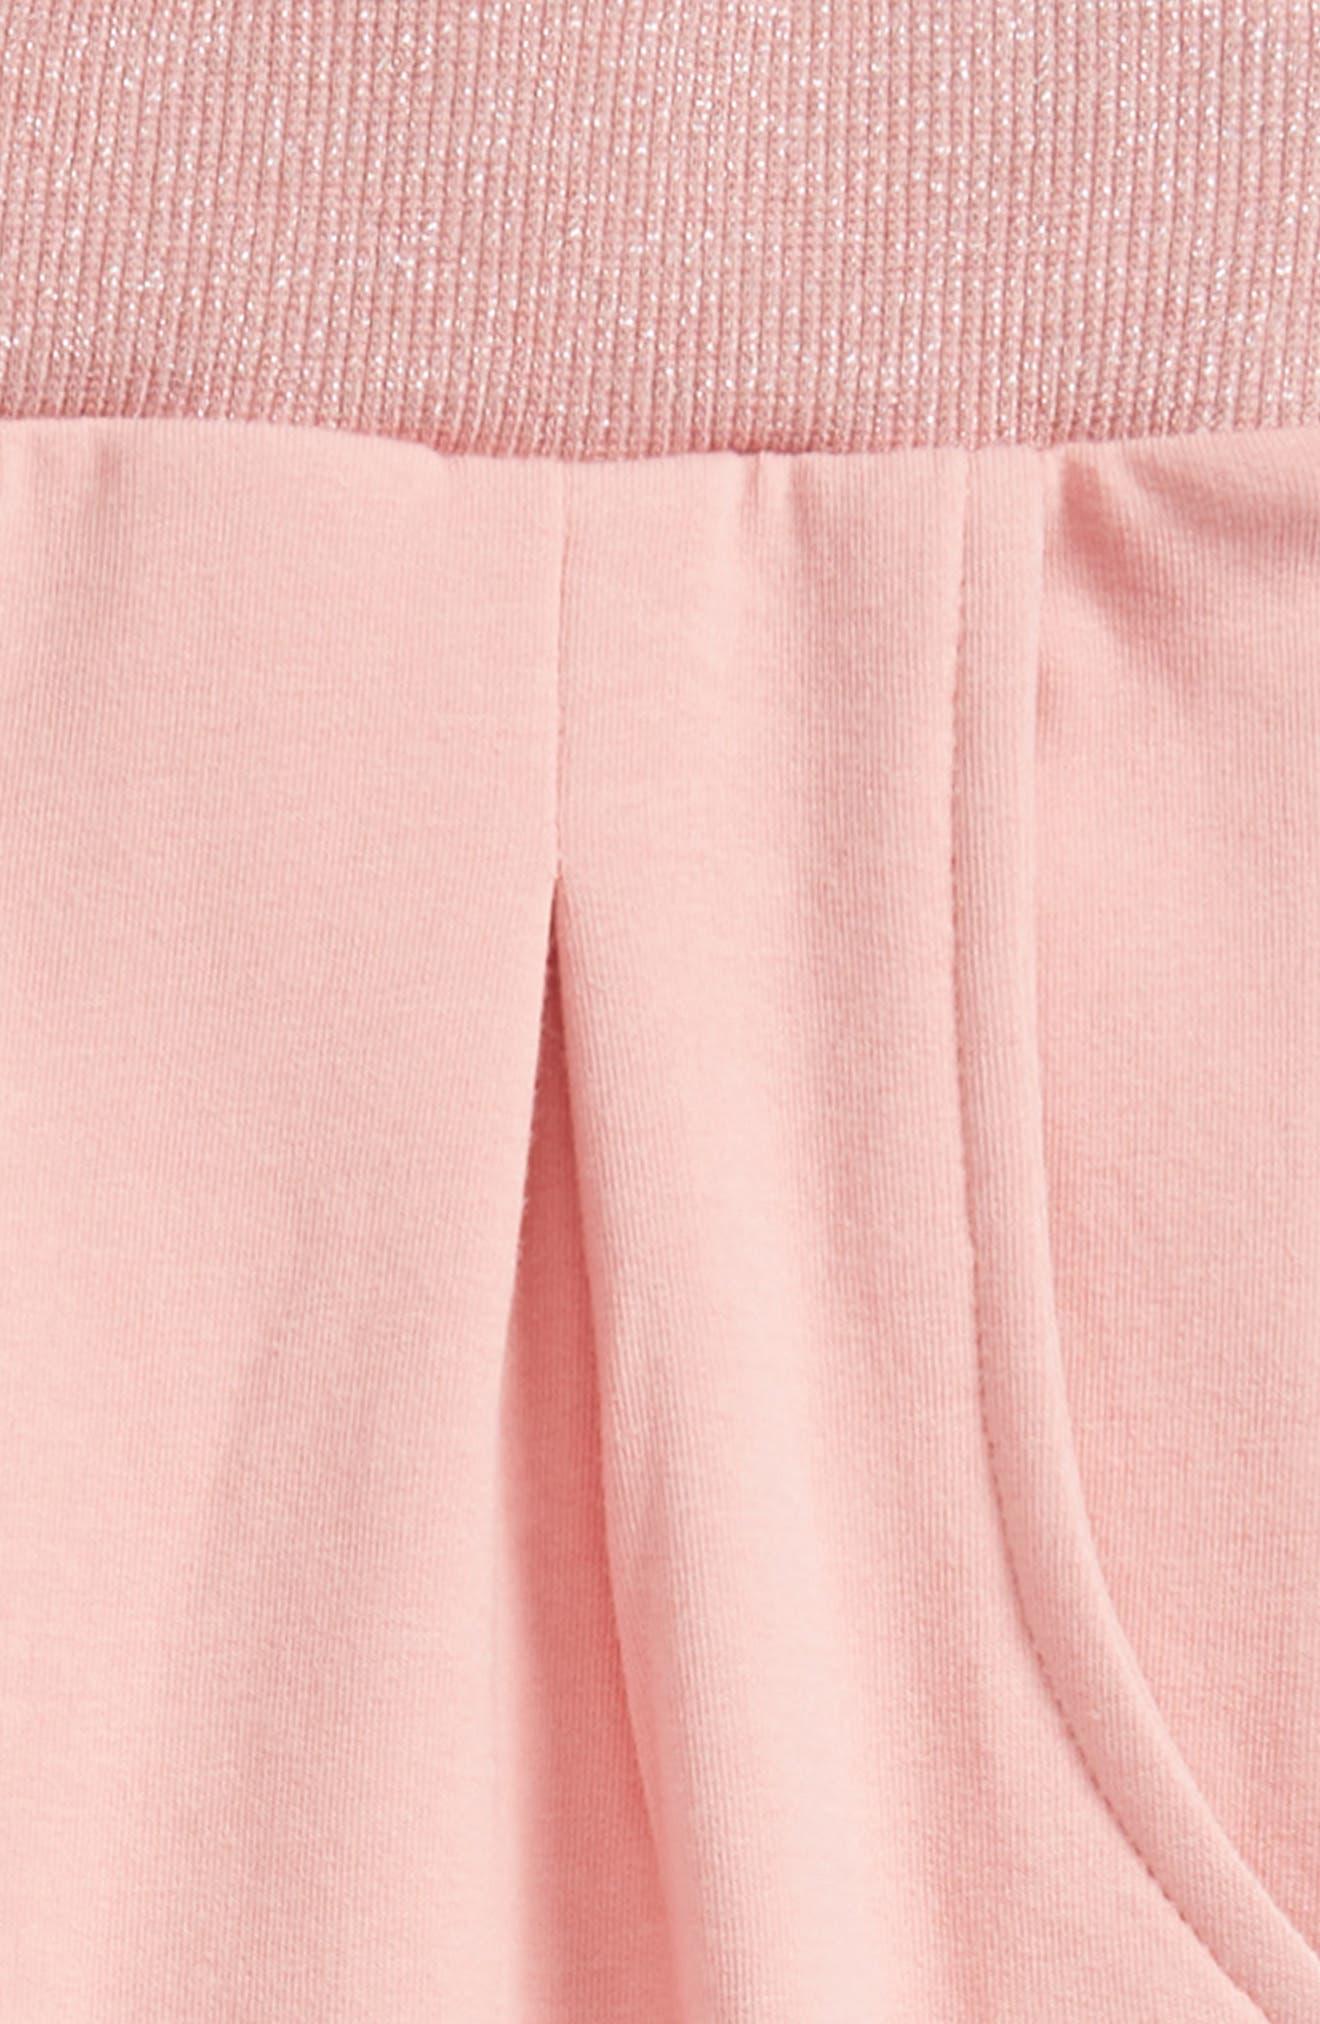 Nille Sweatpants,                             Alternate thumbnail 2, color,                             2034 Blush